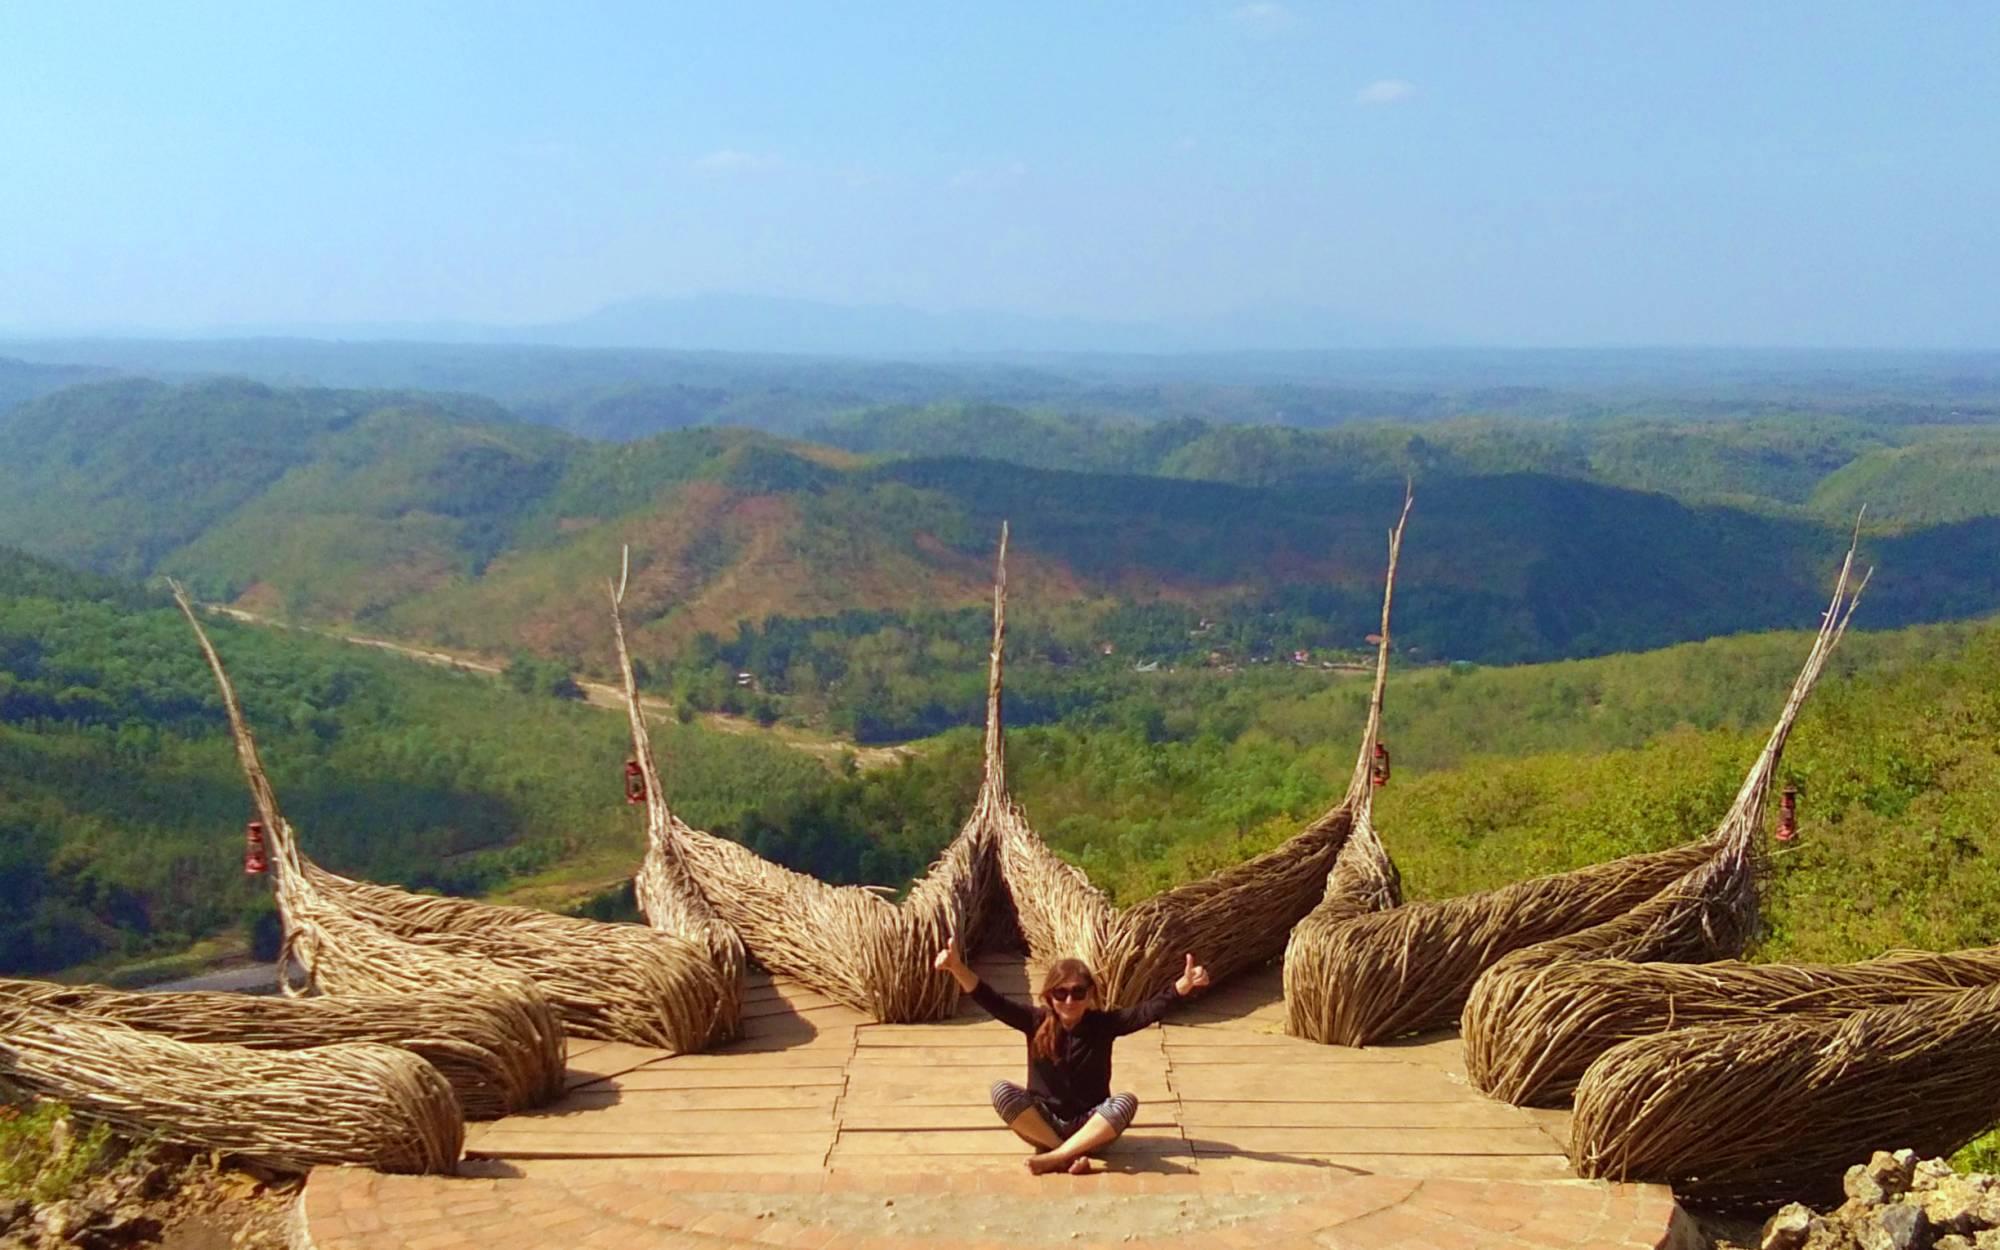 Watu Payung Gunung Kidul Tiket & Daya Tarik November 8